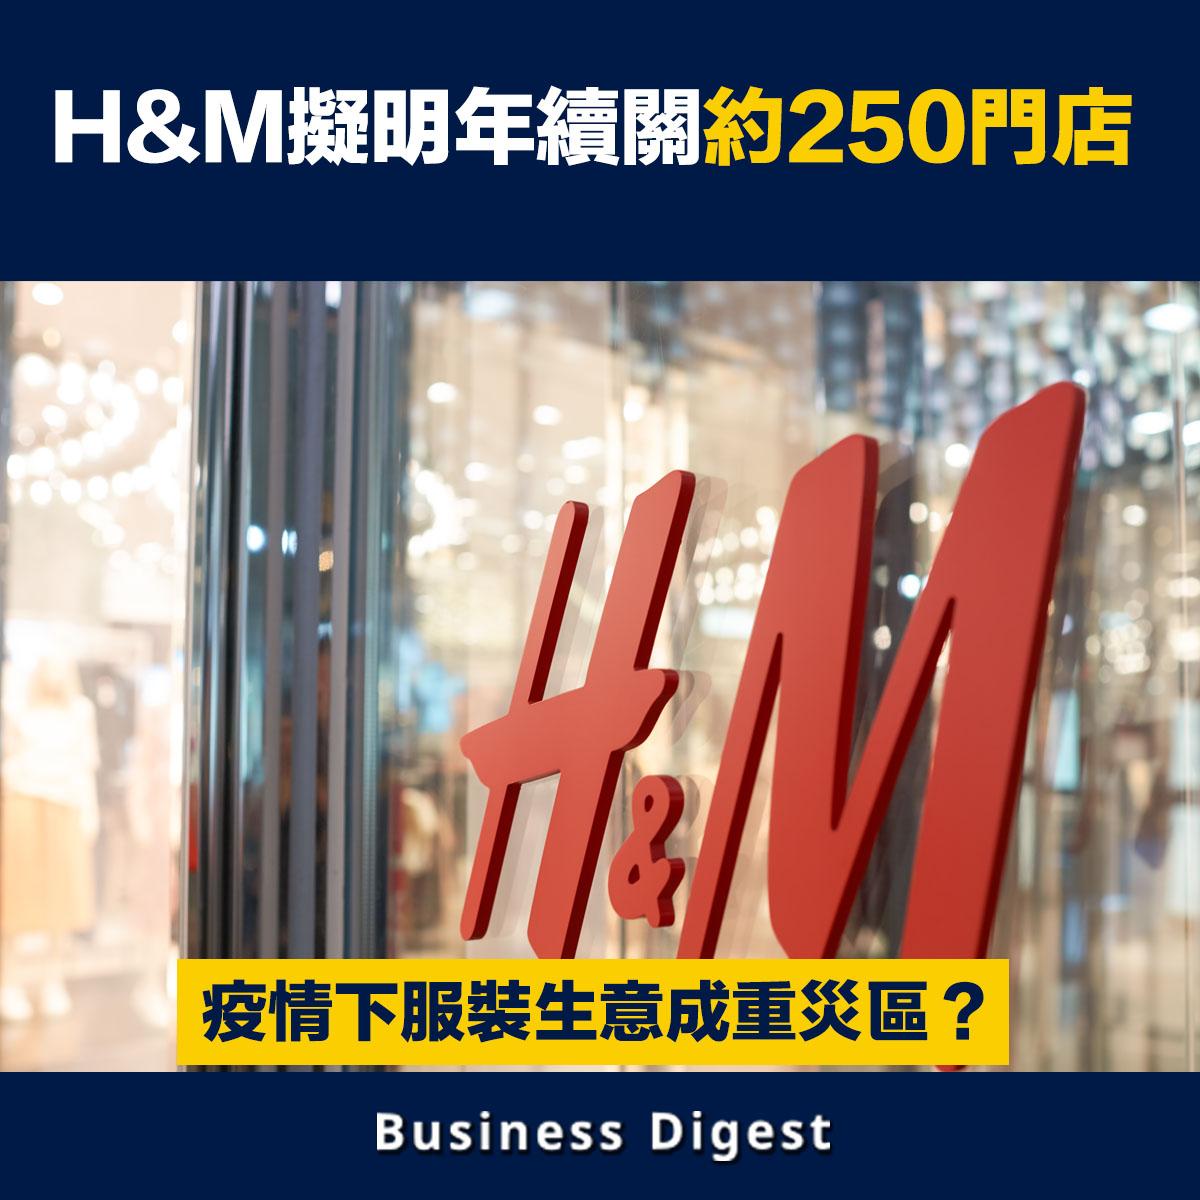 【商業熱話】H&M擬明年續關約250門店,疫情下服裝生意成重災區?